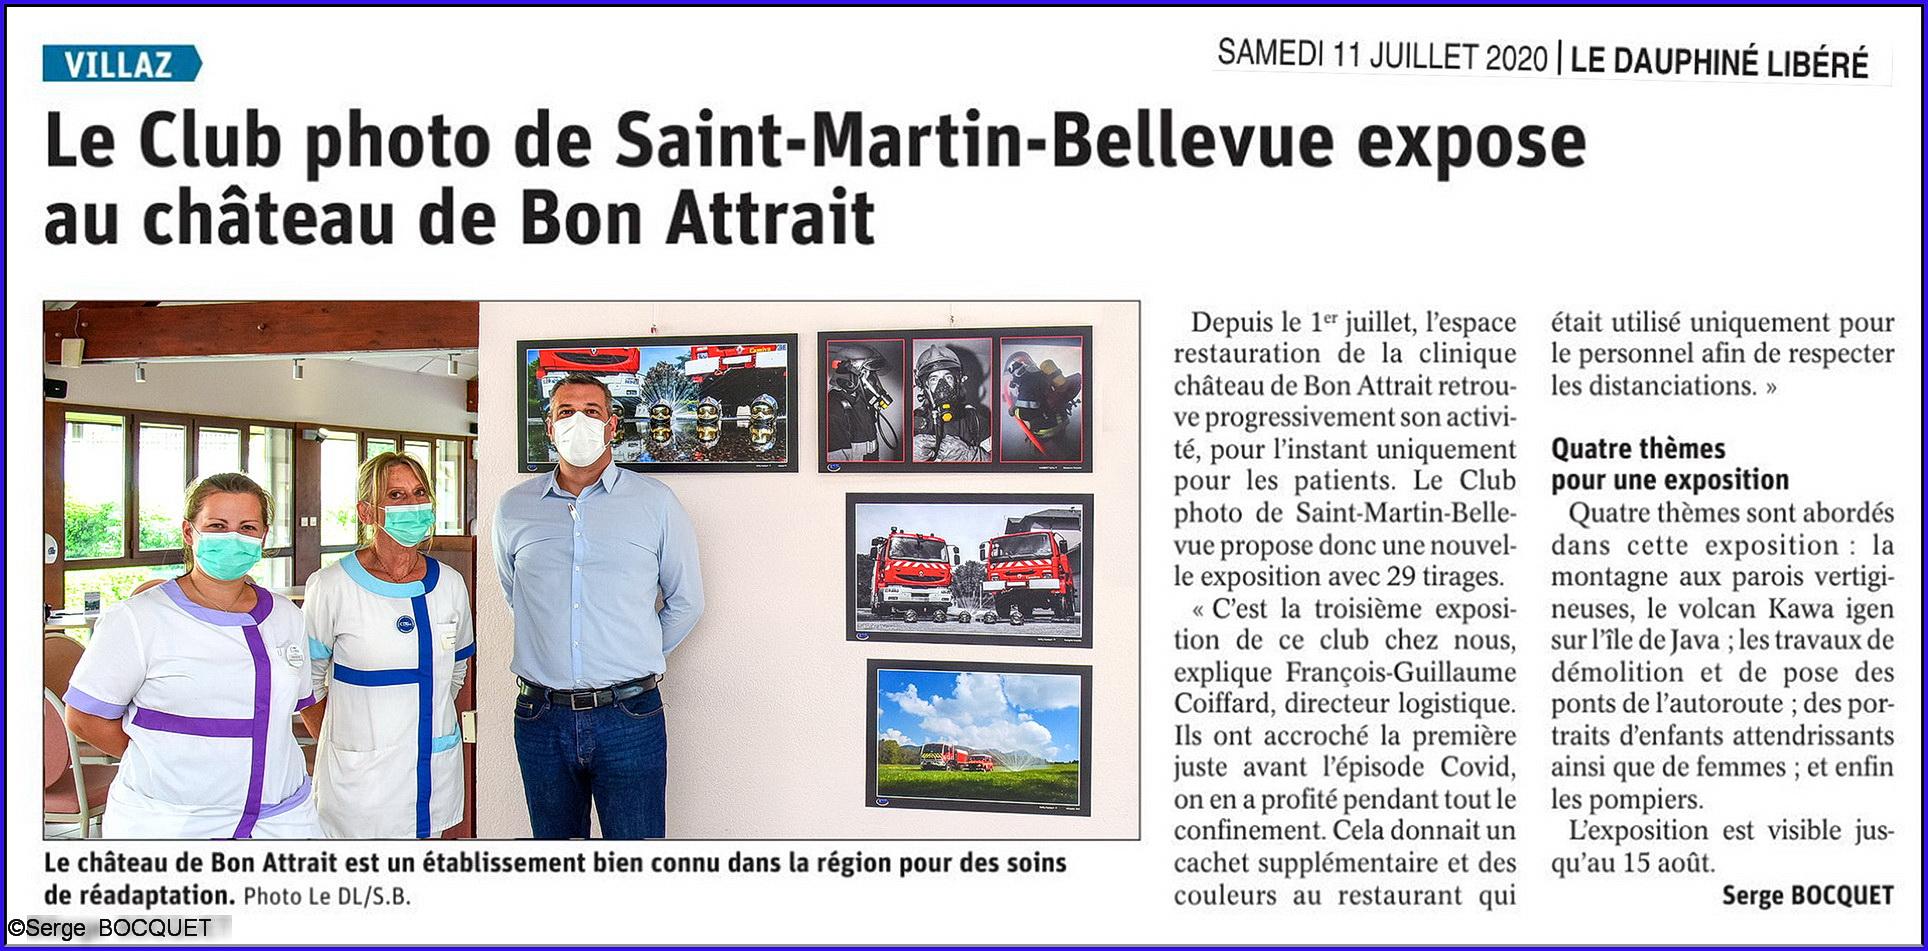 2° expo au château de Bon-Attrait !